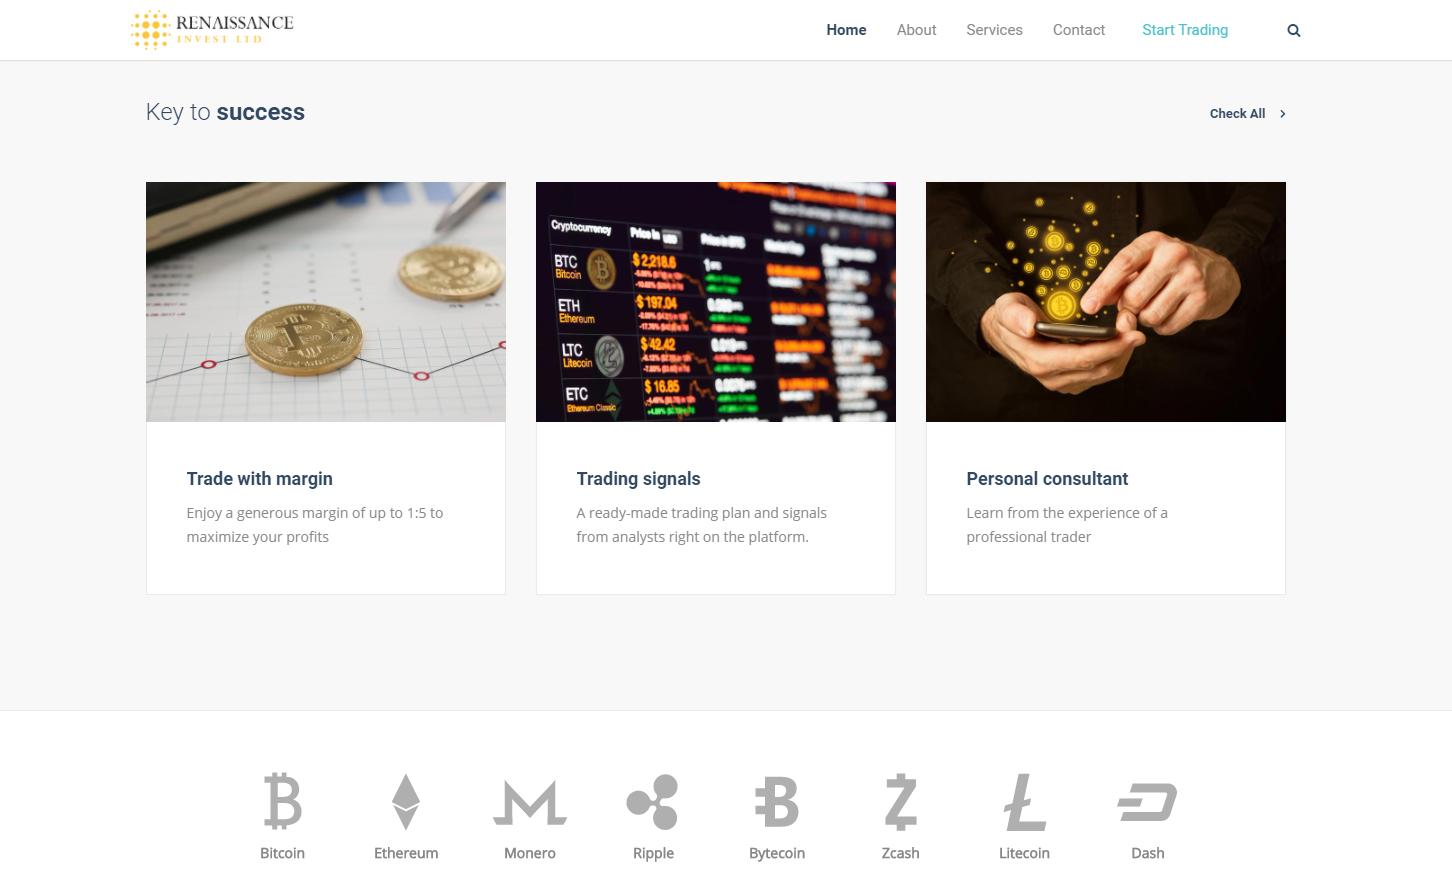 Renaissance Invest LTD screenshot